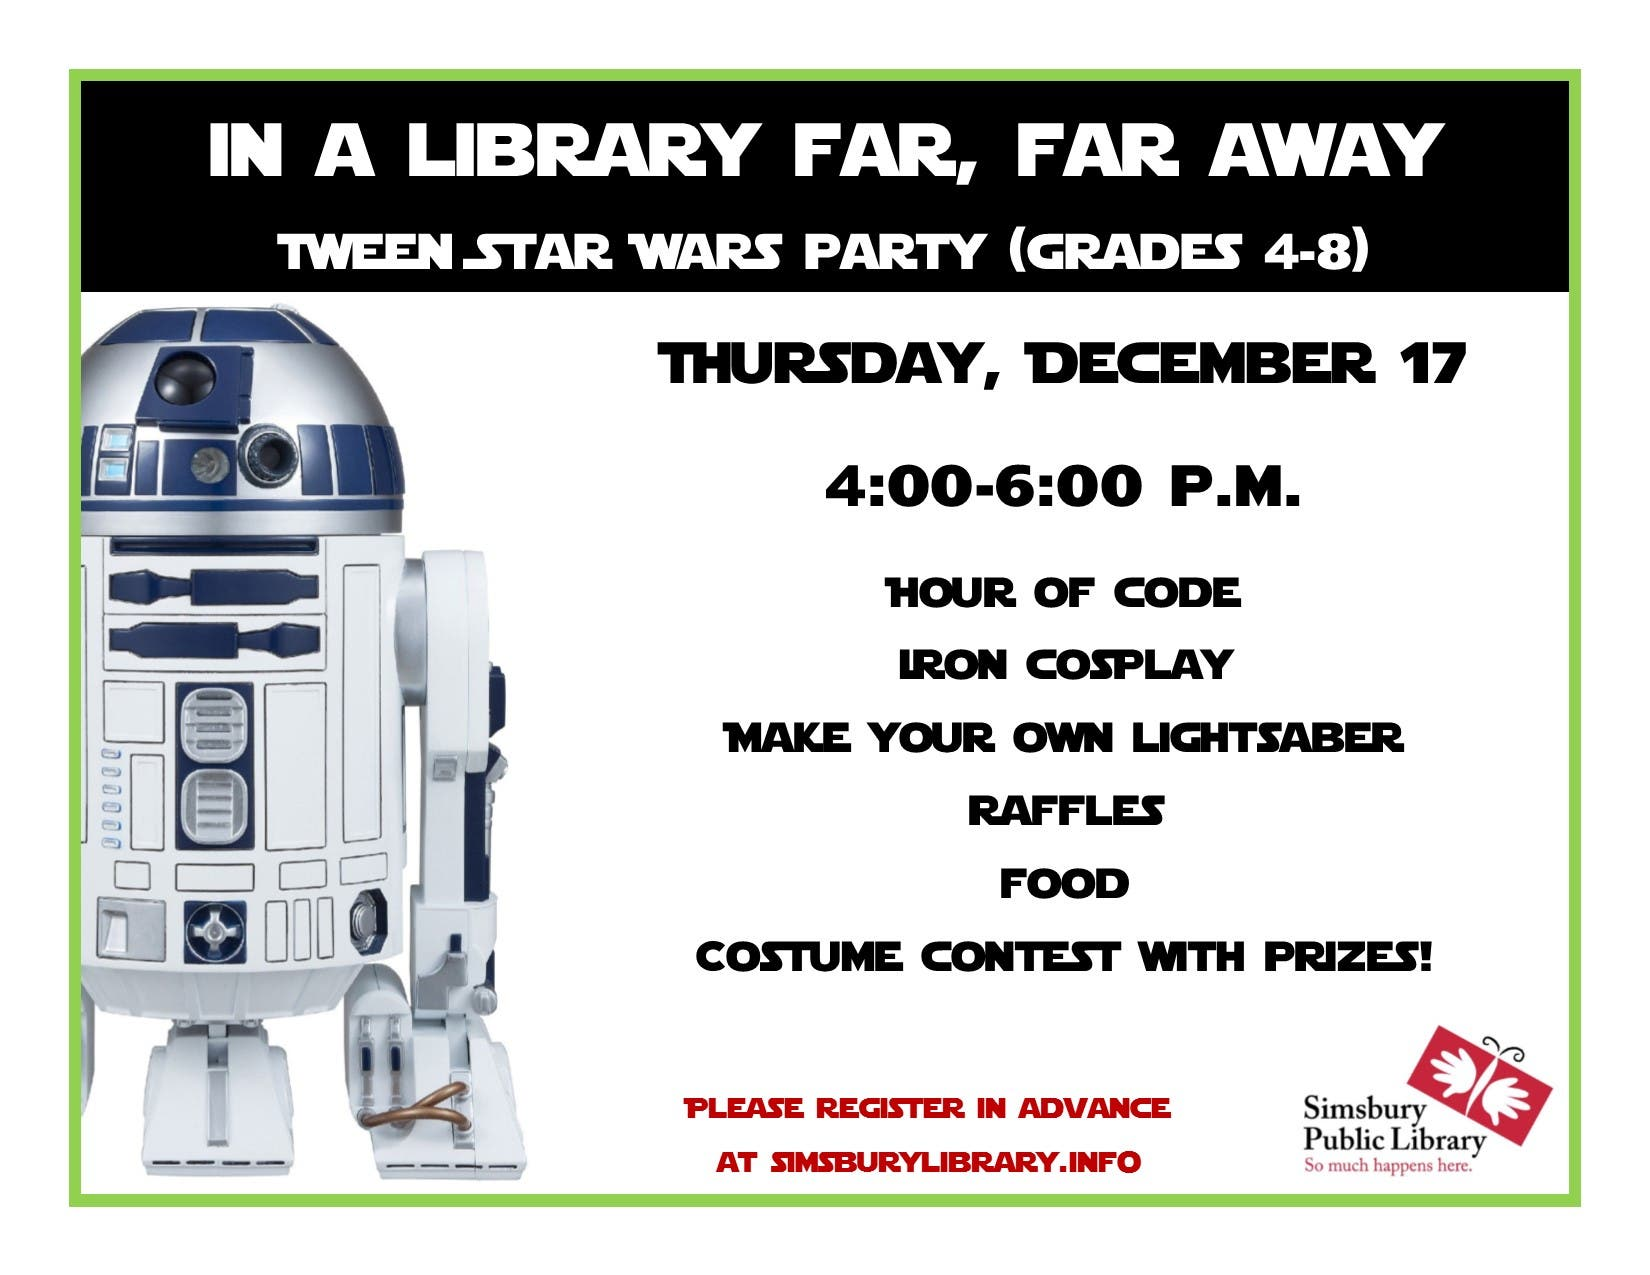 In a Library Far, Far Away: Tween Star Wars Party @ Simsbury Public